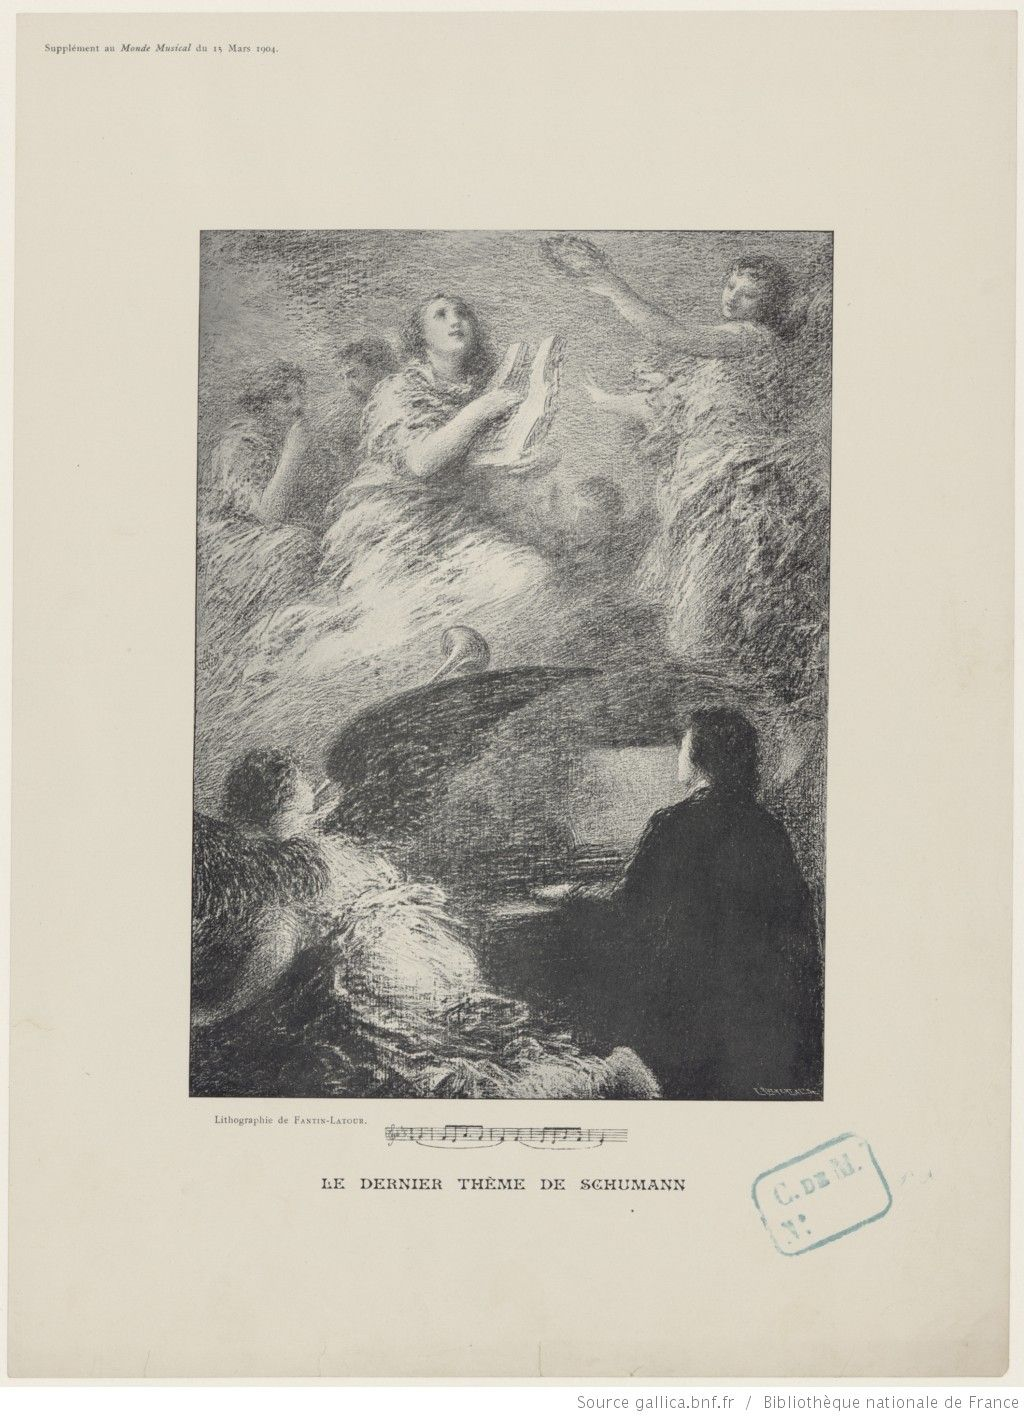 Le dernier thème de Schumann / lithographie de Fantin-Latour ; C. Ruckert & Cie sc.